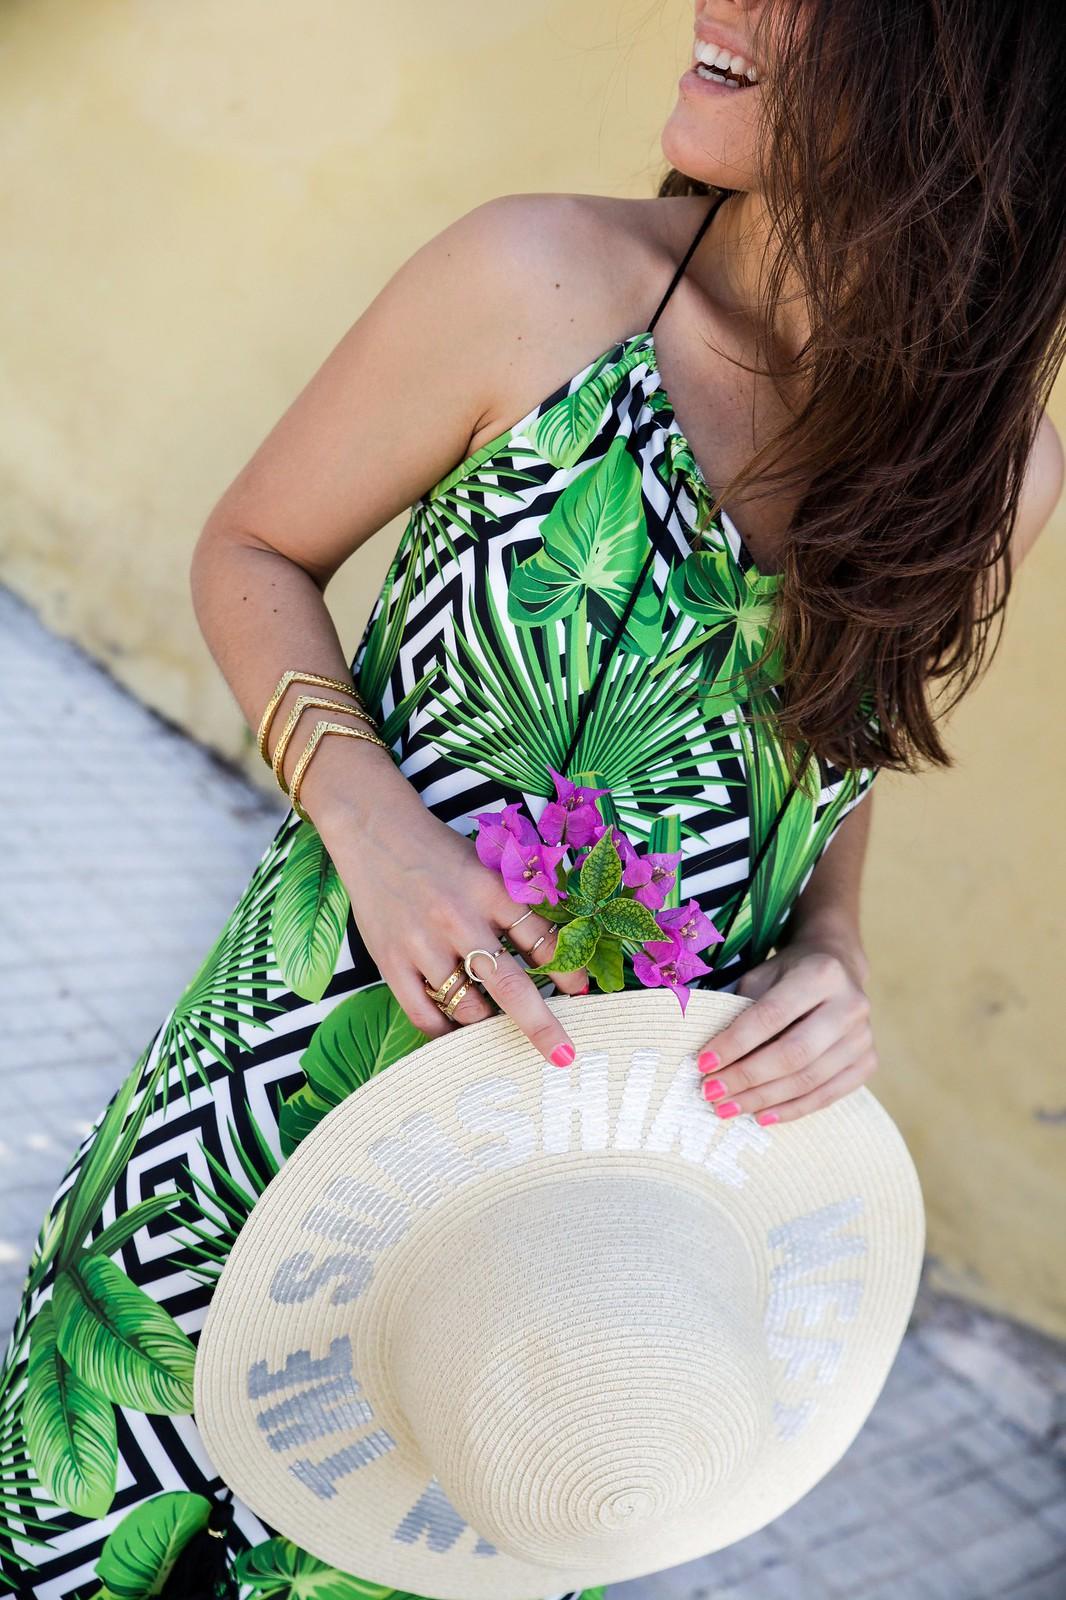 012_vestido_palmeras_tendencia_verano_theguestgirl_rüga_portugal